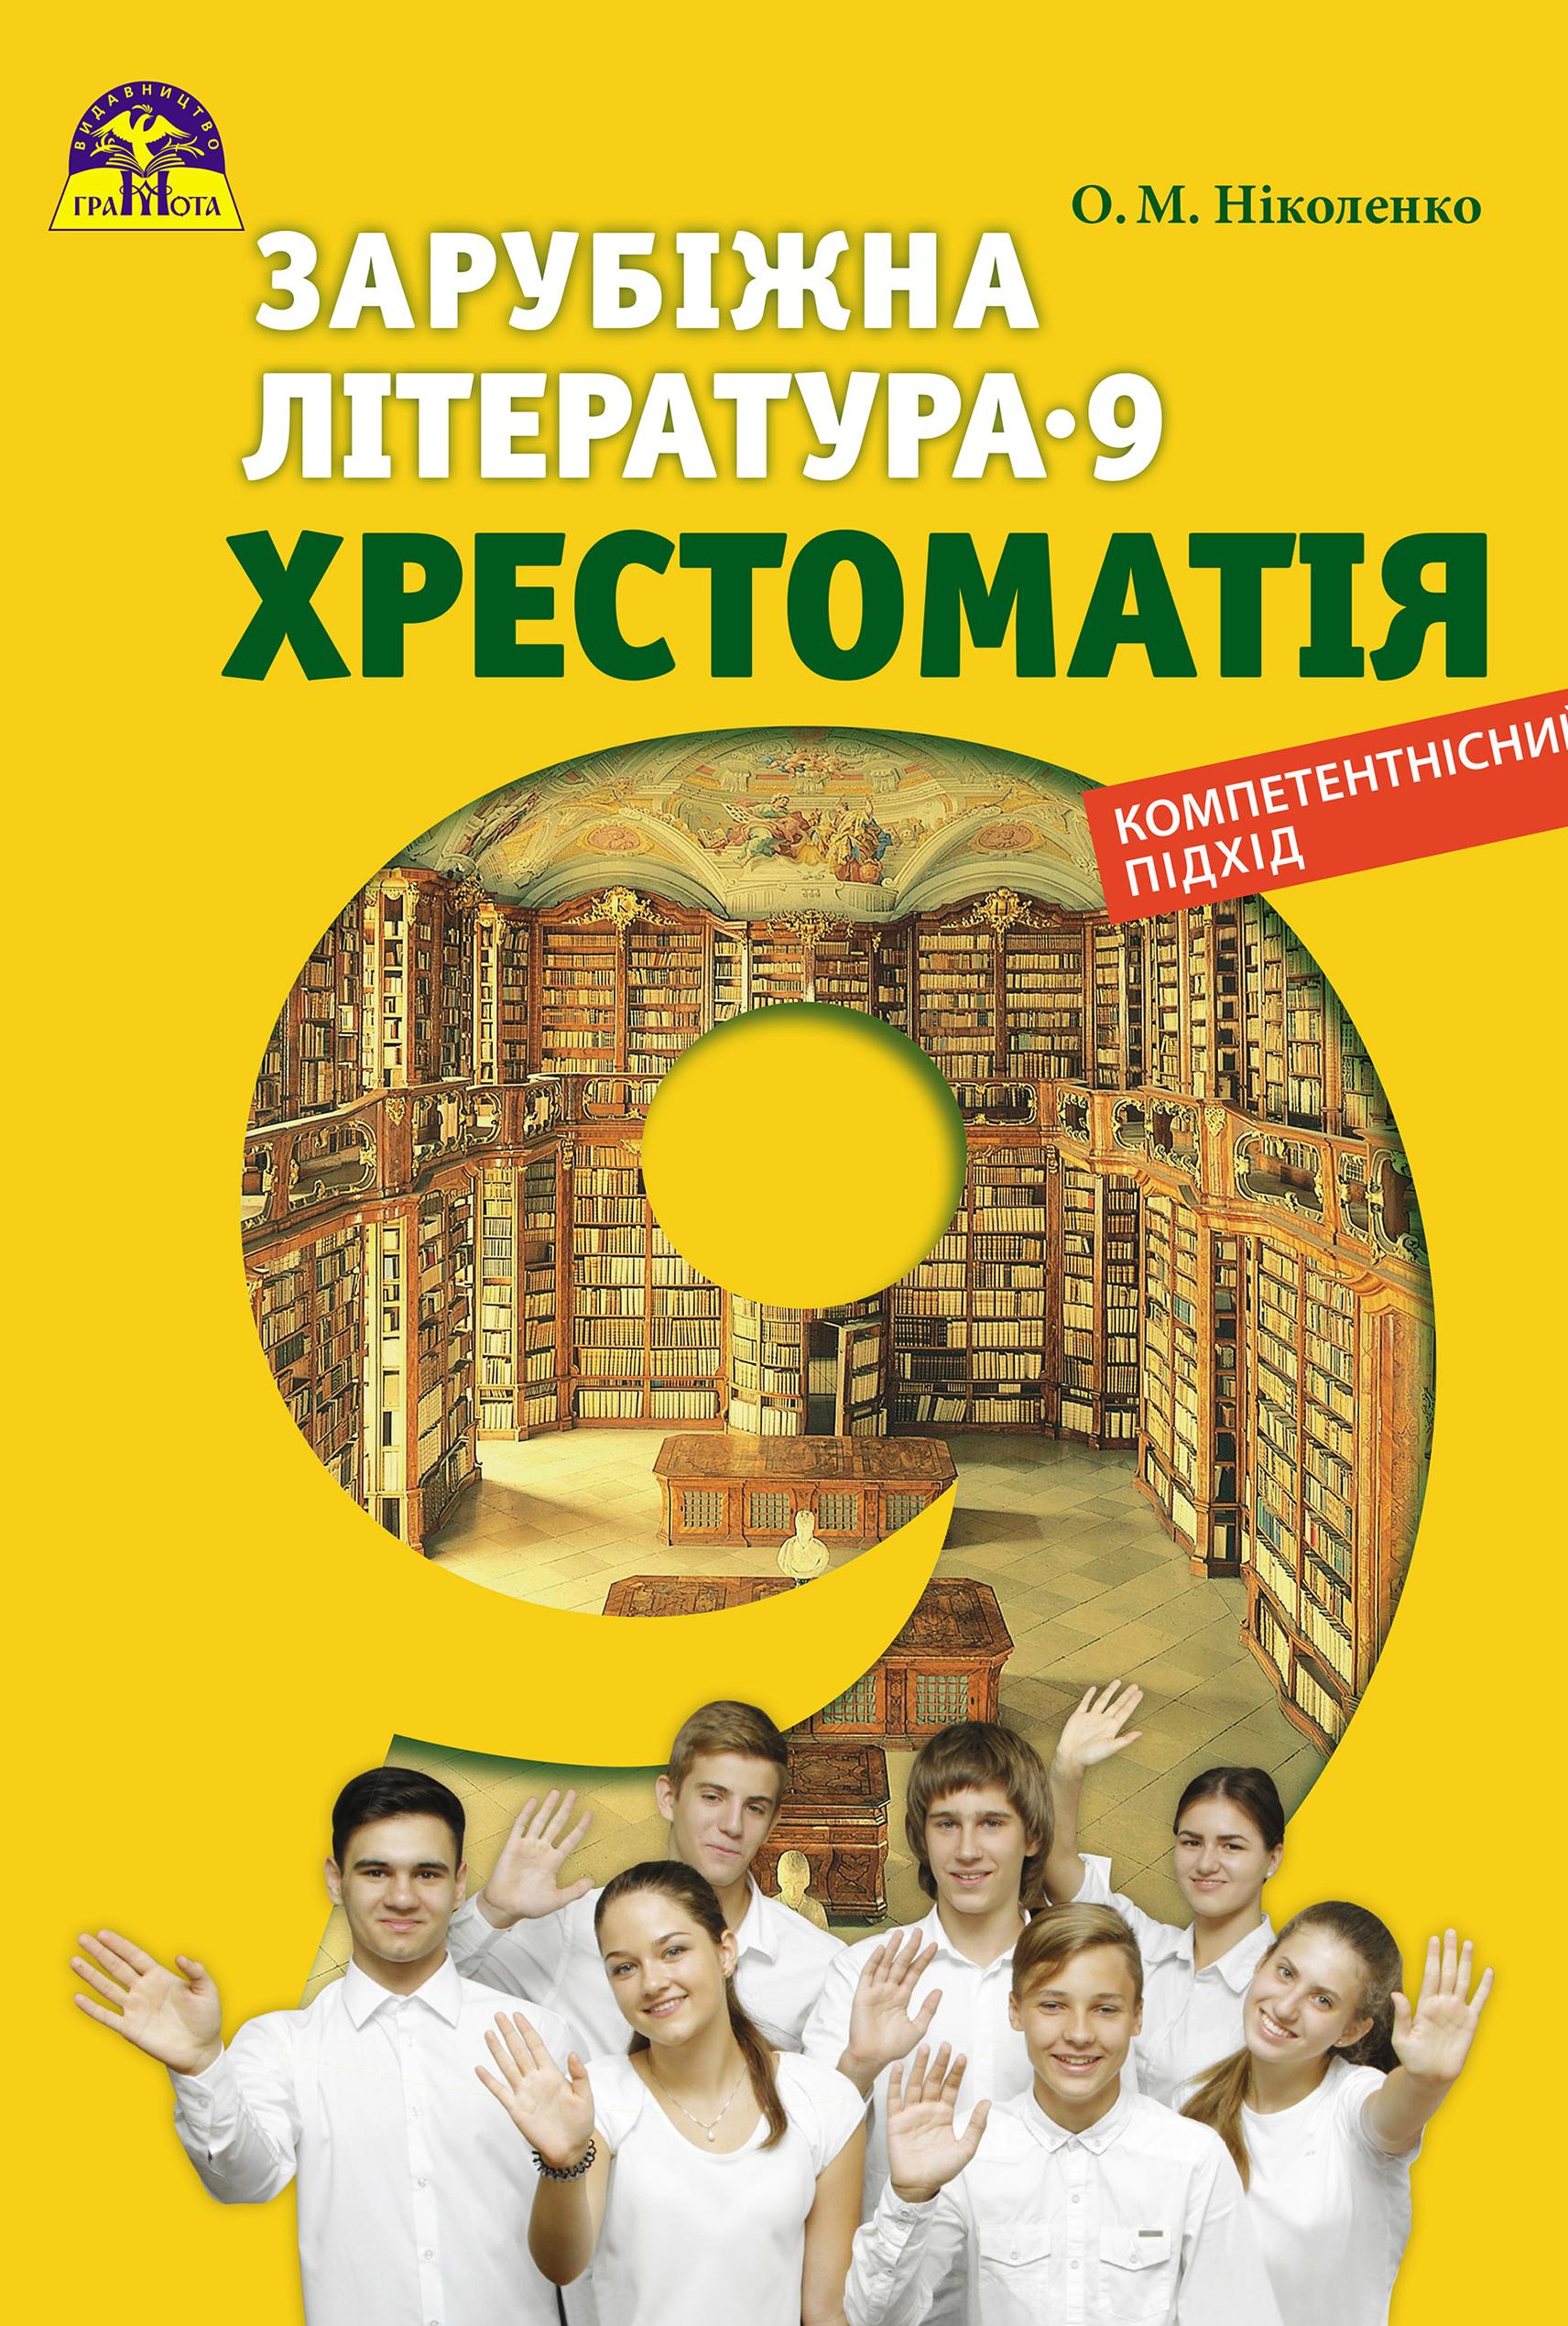 9 Hrestomatia1